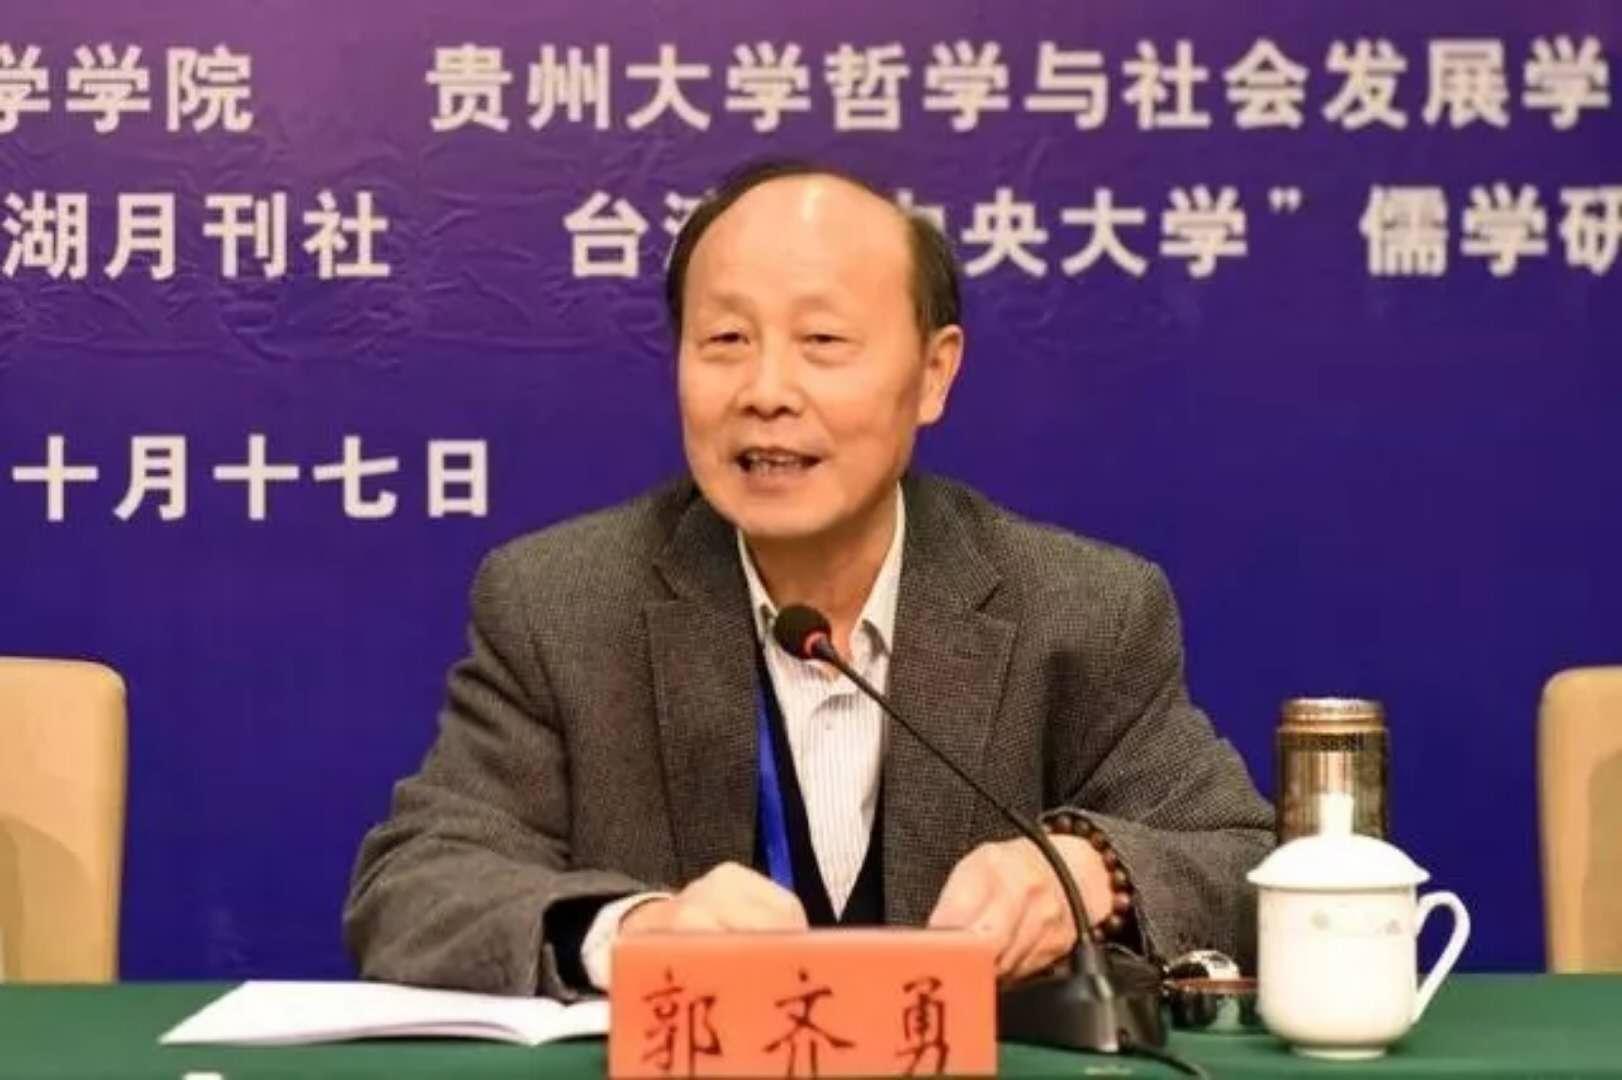 腾讯儒佛道成立五周年系列讲座丨郭齐勇教授:修己安人与重开王道